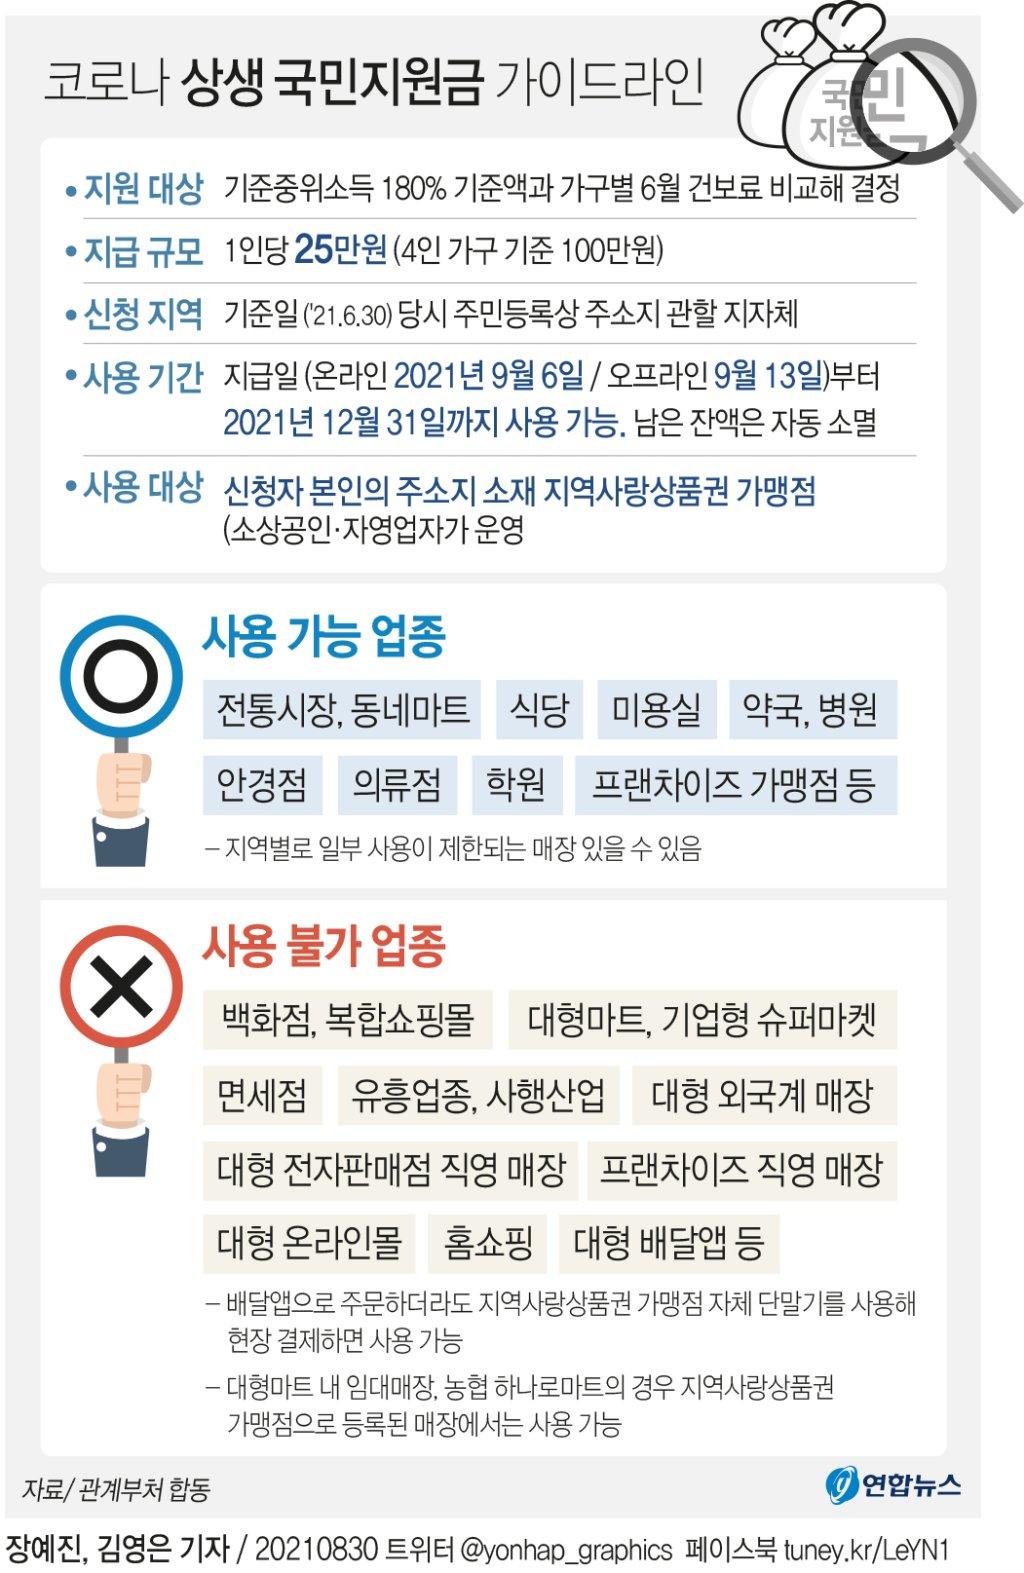 [그래픽] 코로나 상생 국민지원금 가이드라인